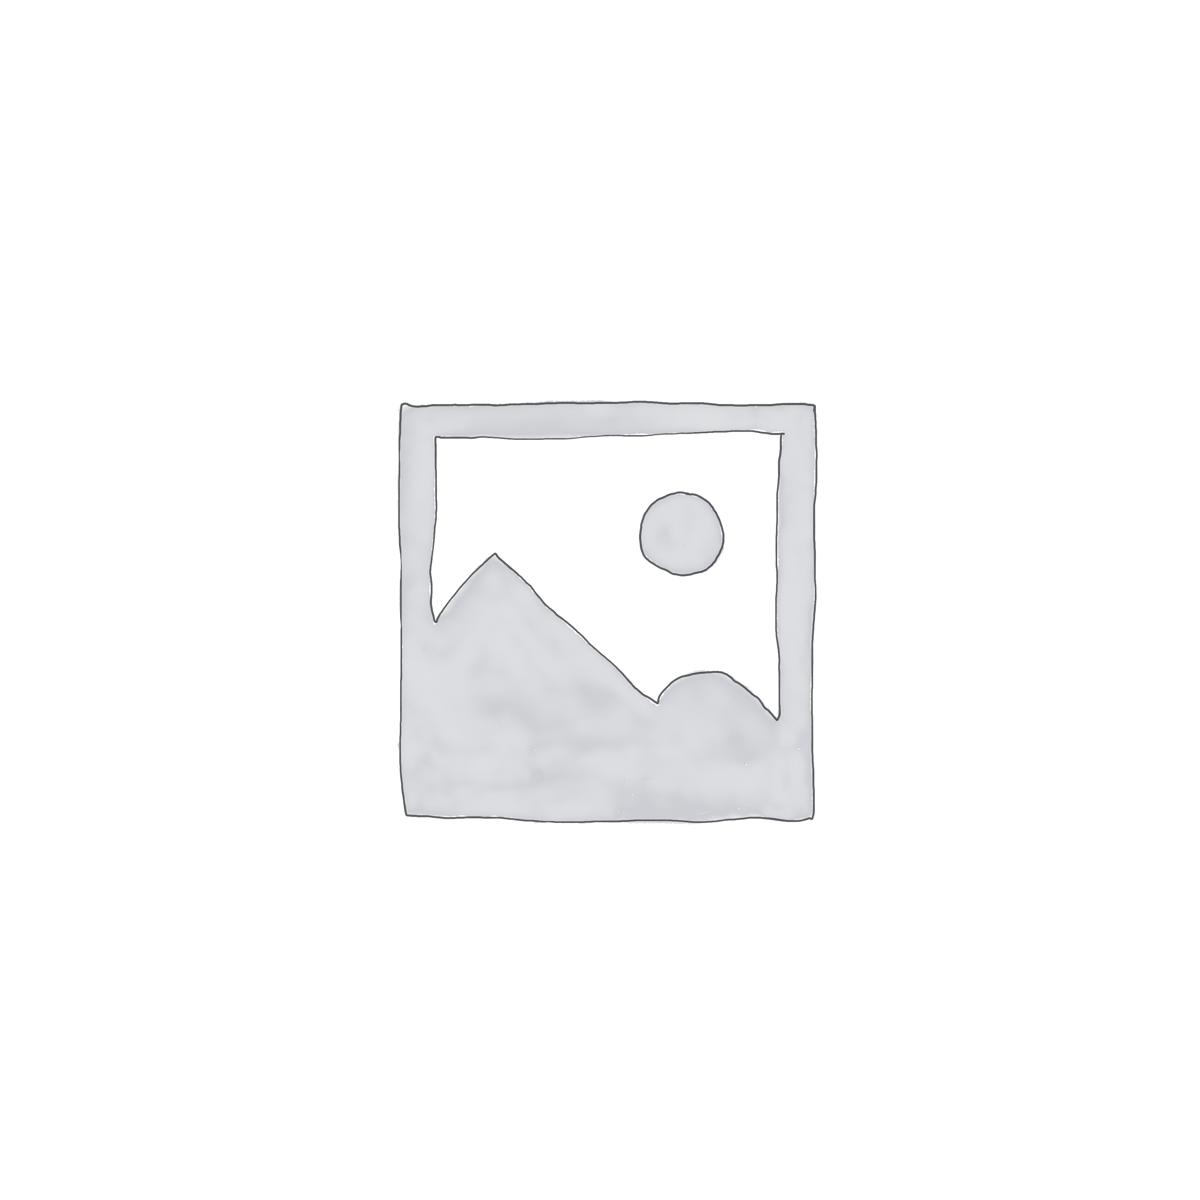 3D Embossed Look  Lily Flower Wallpaper Mural